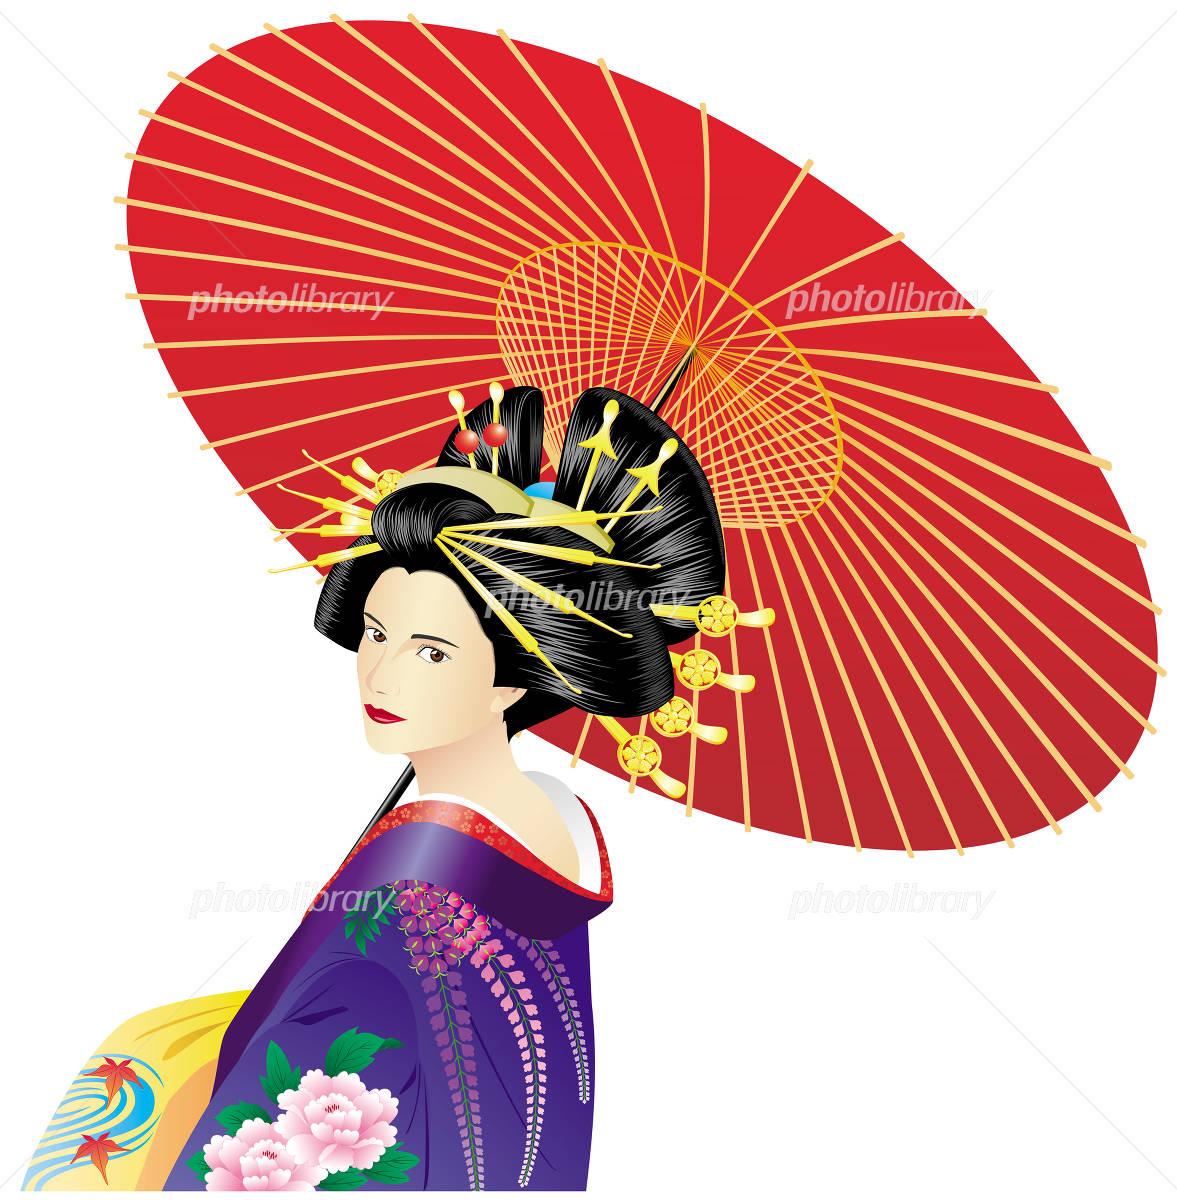 花魁 イラスト素材 158537 フォトライブラリー Photolibrary